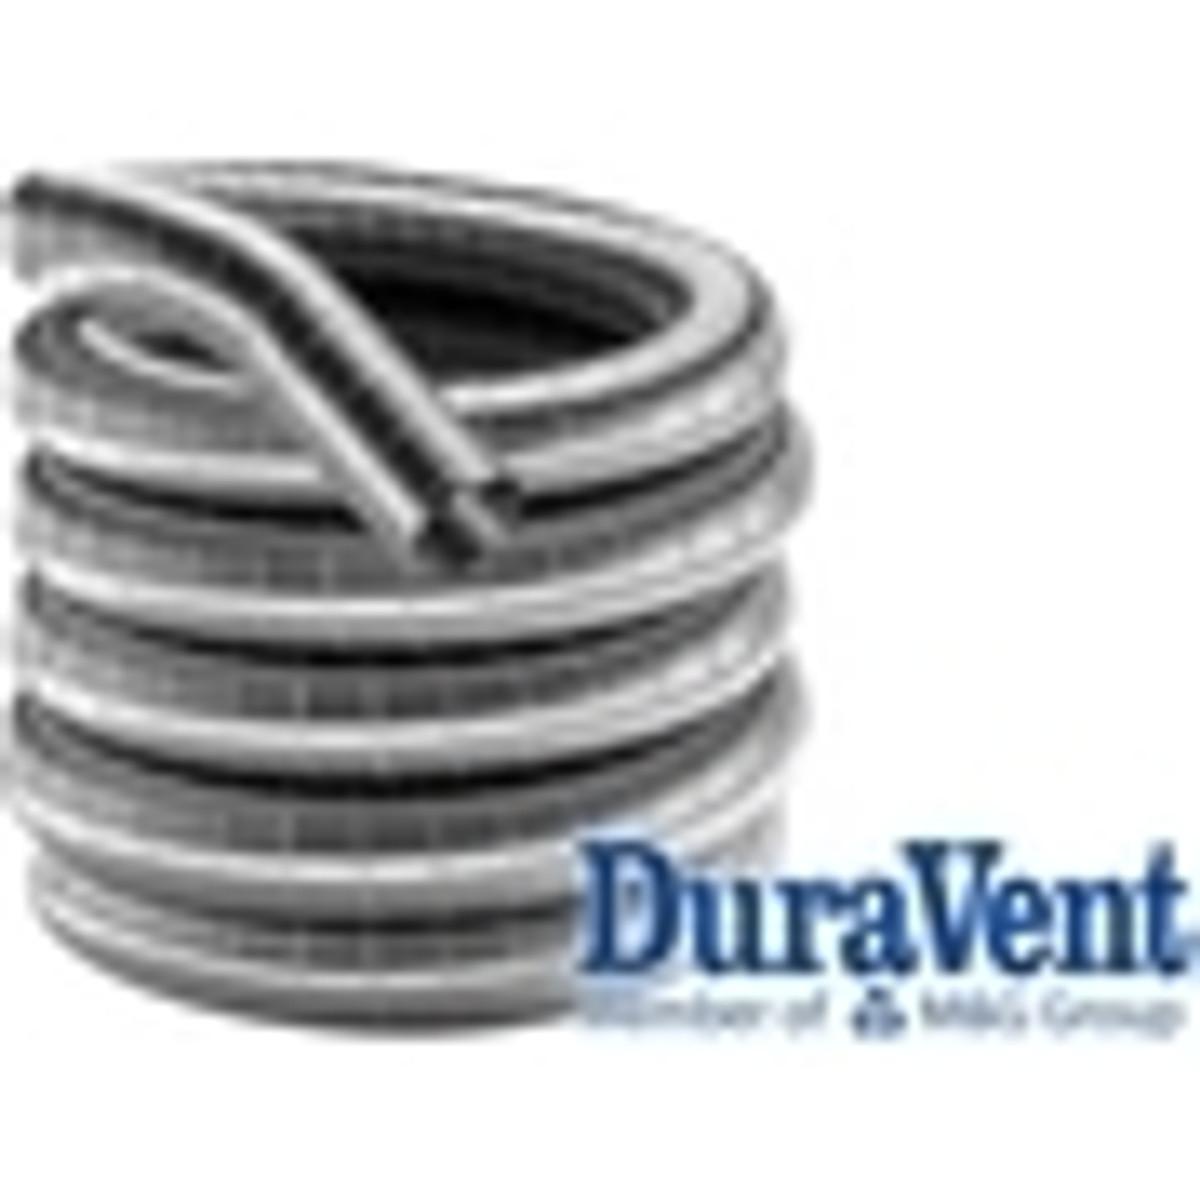 4'' DuraFlex Aluminum Gas Chimney Liner